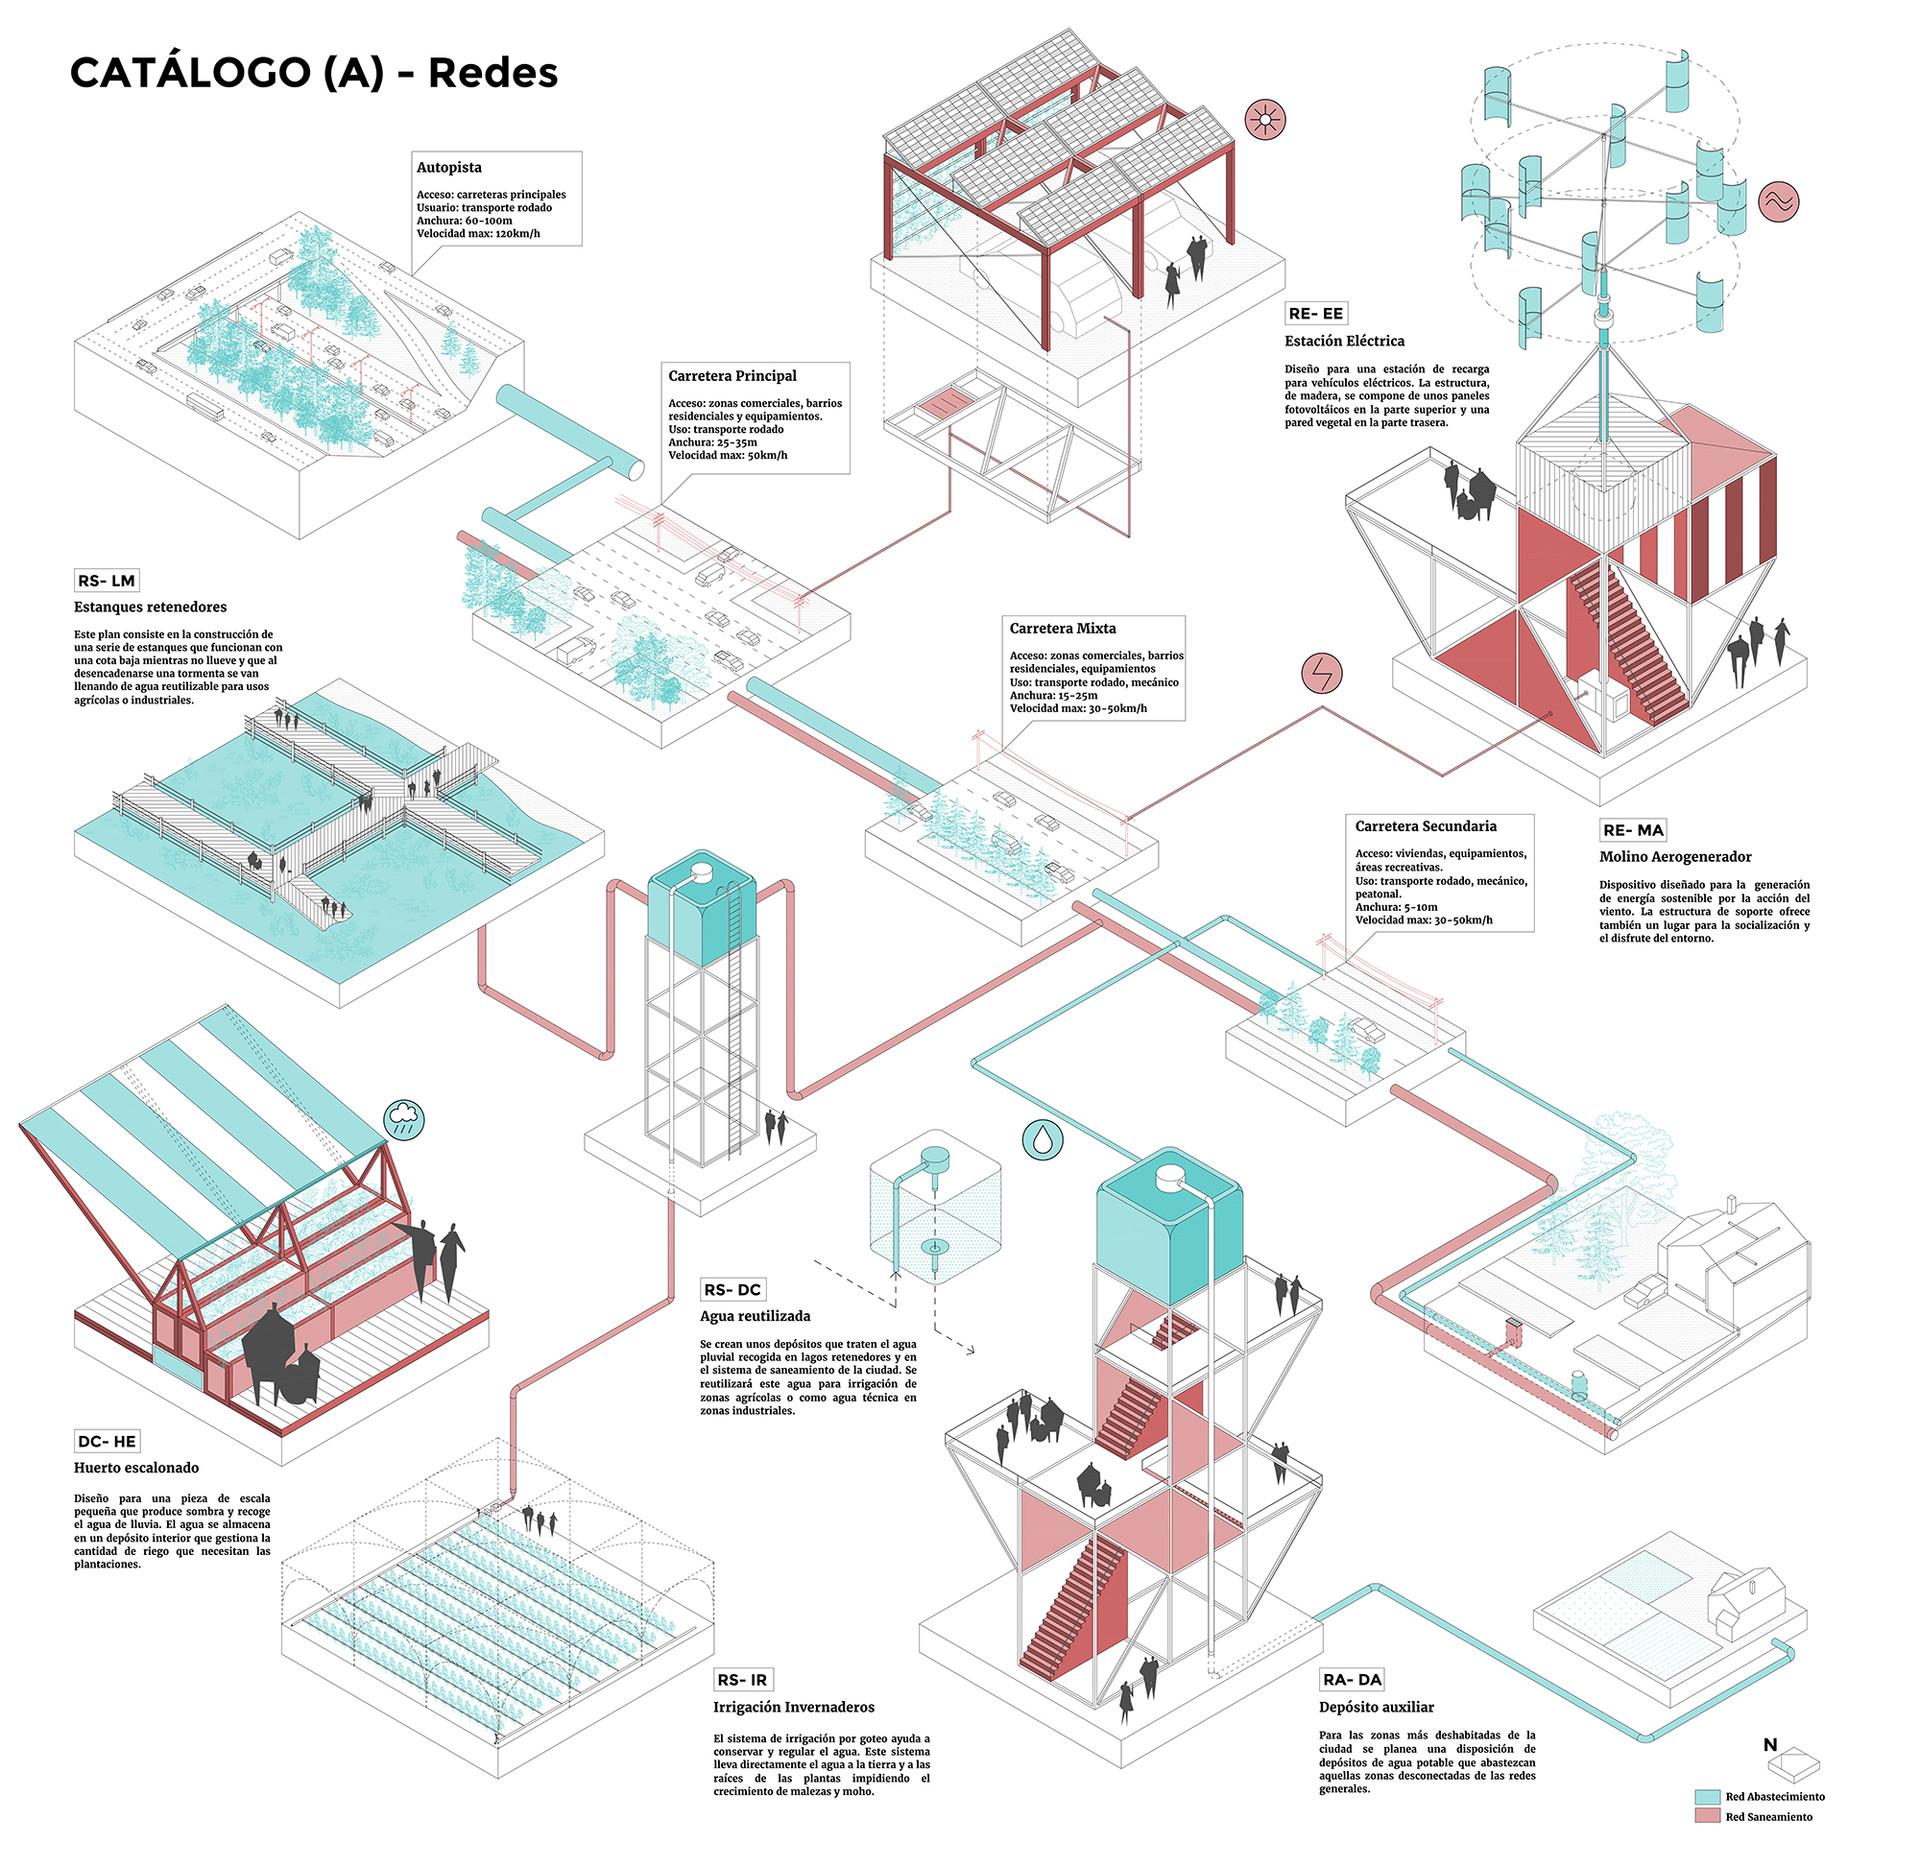 11_Catalogue_Infrastructure.jpg